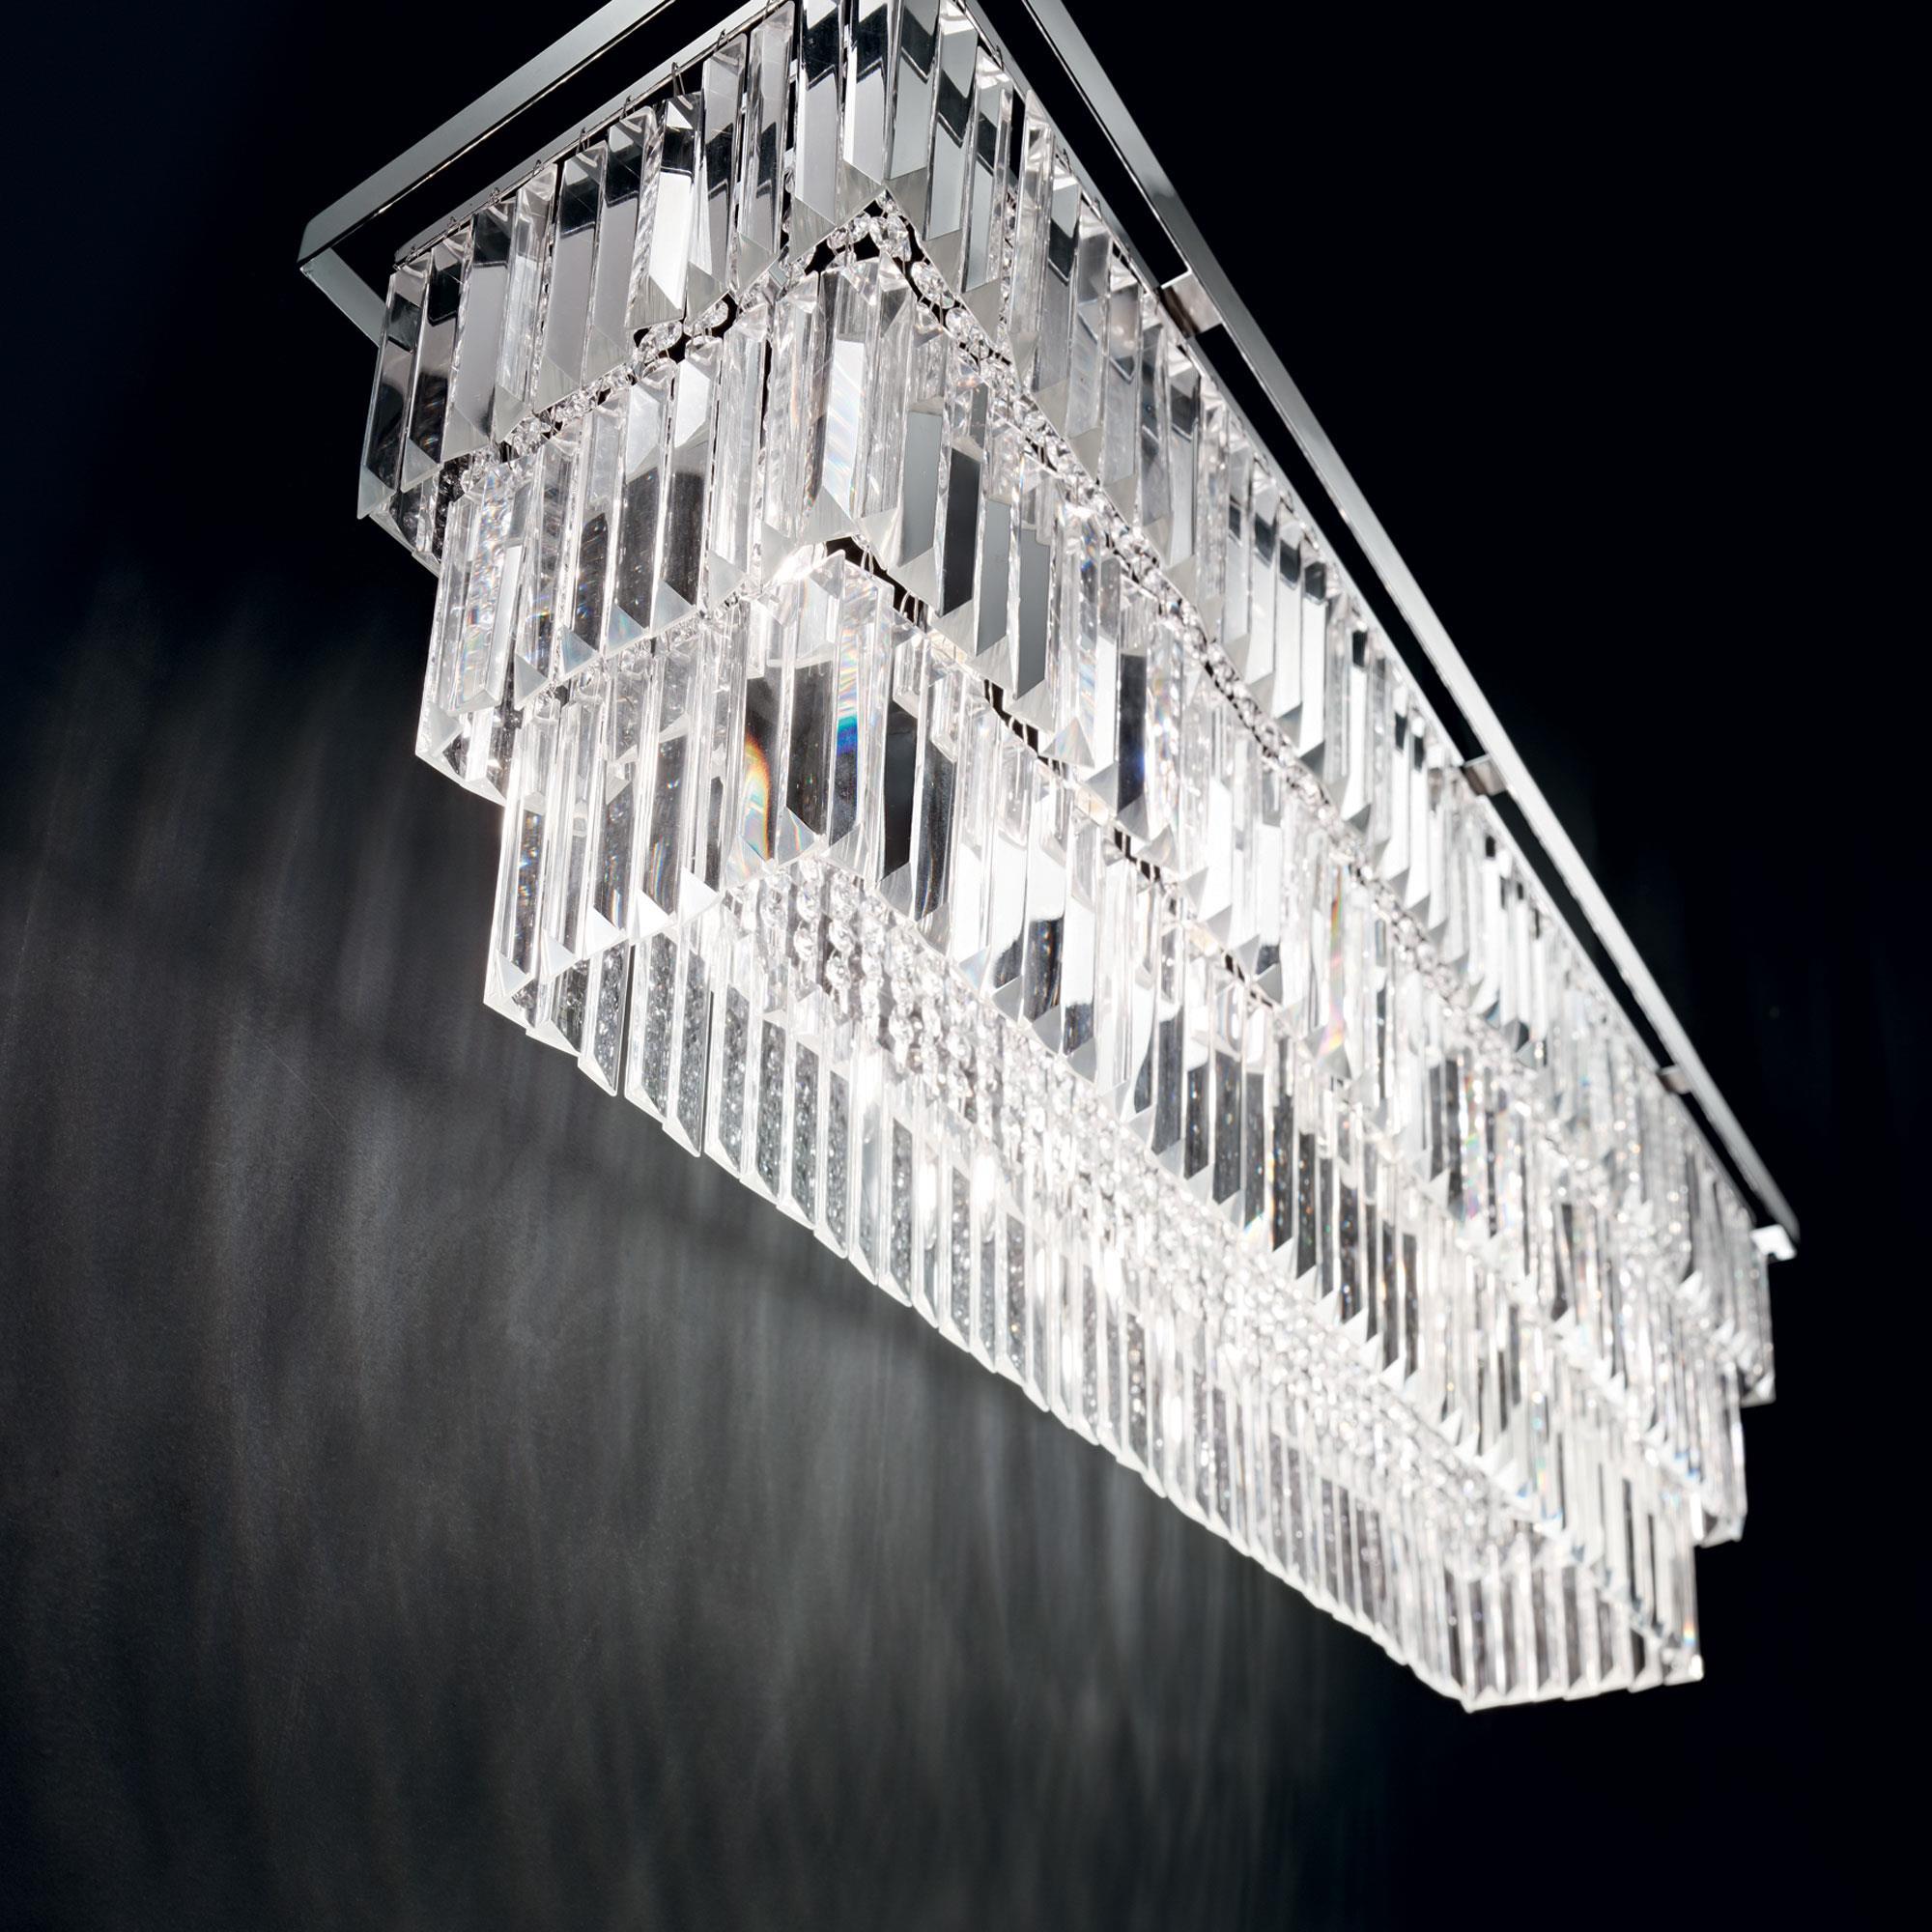 Ideal Lux 166360 MARTINEZ SP8 Cromo kristály függeszték lámpa